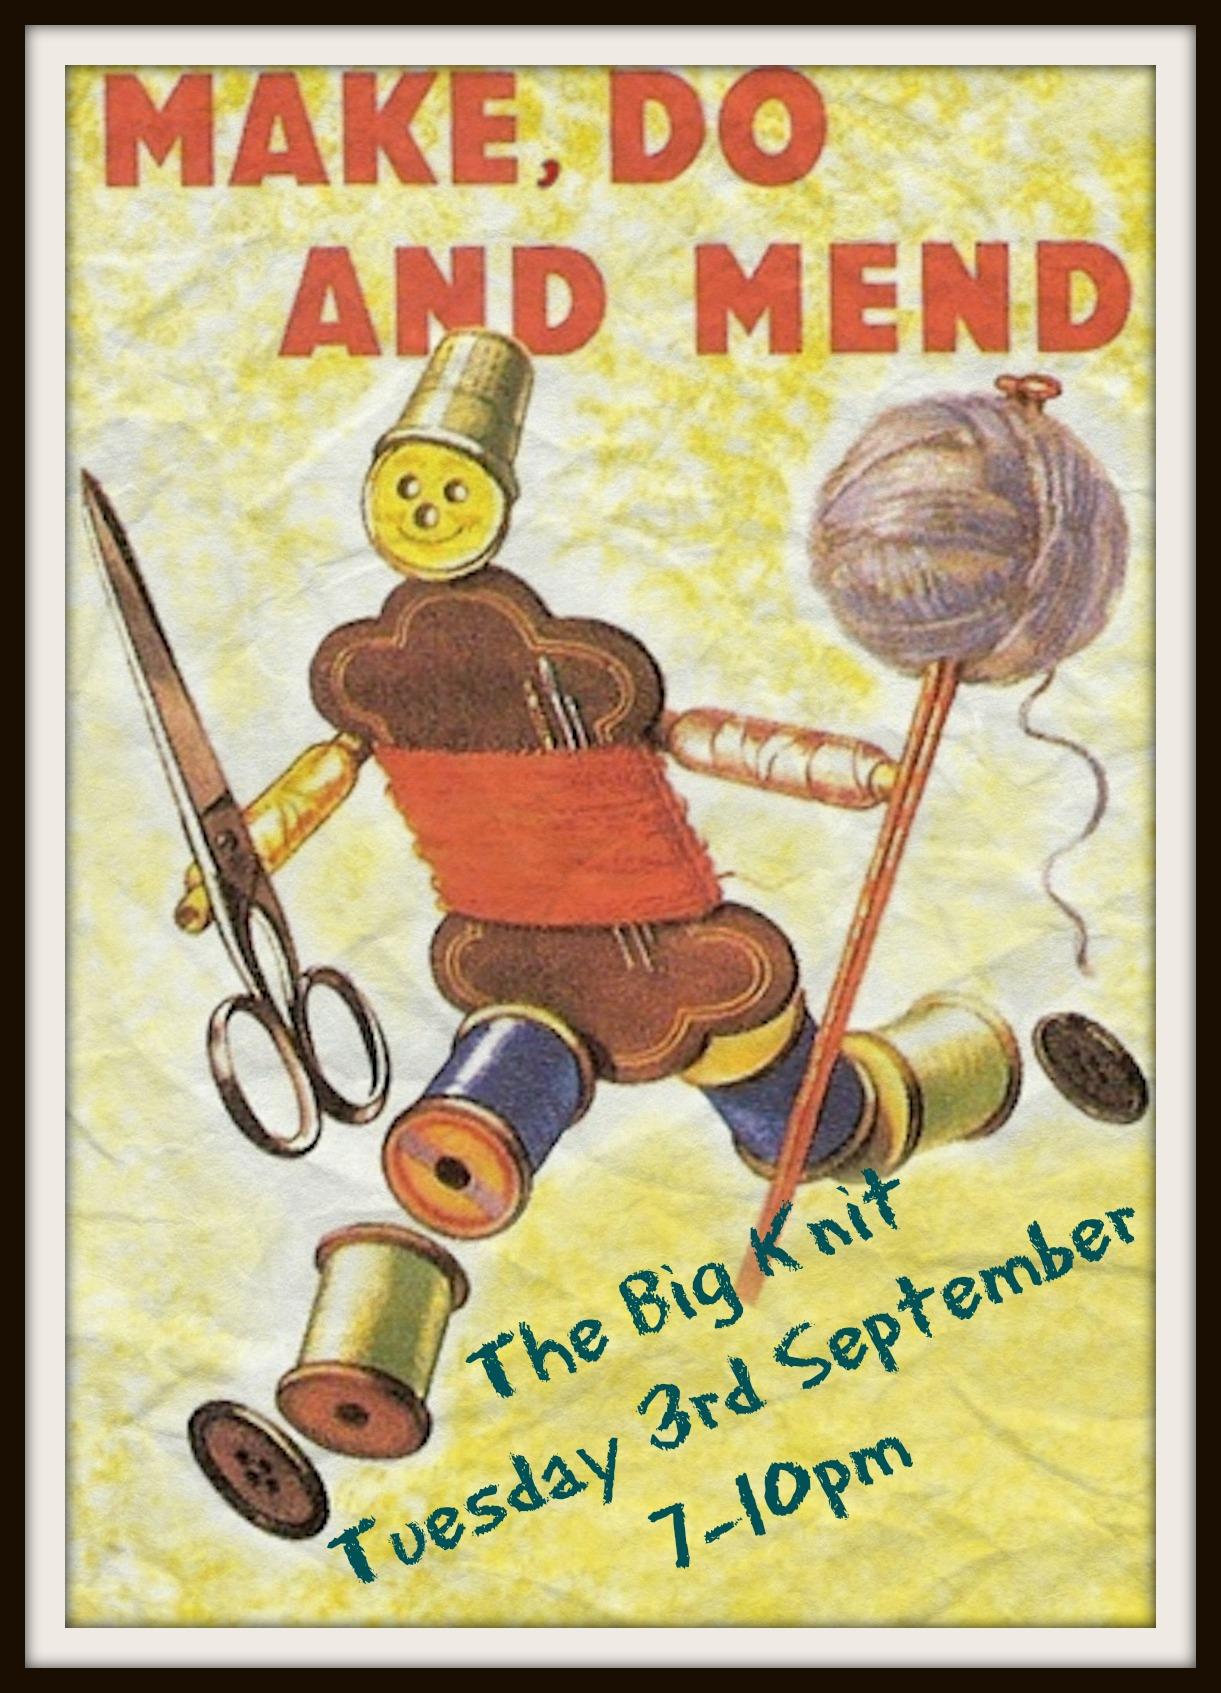 make, do & mend man Sept 13